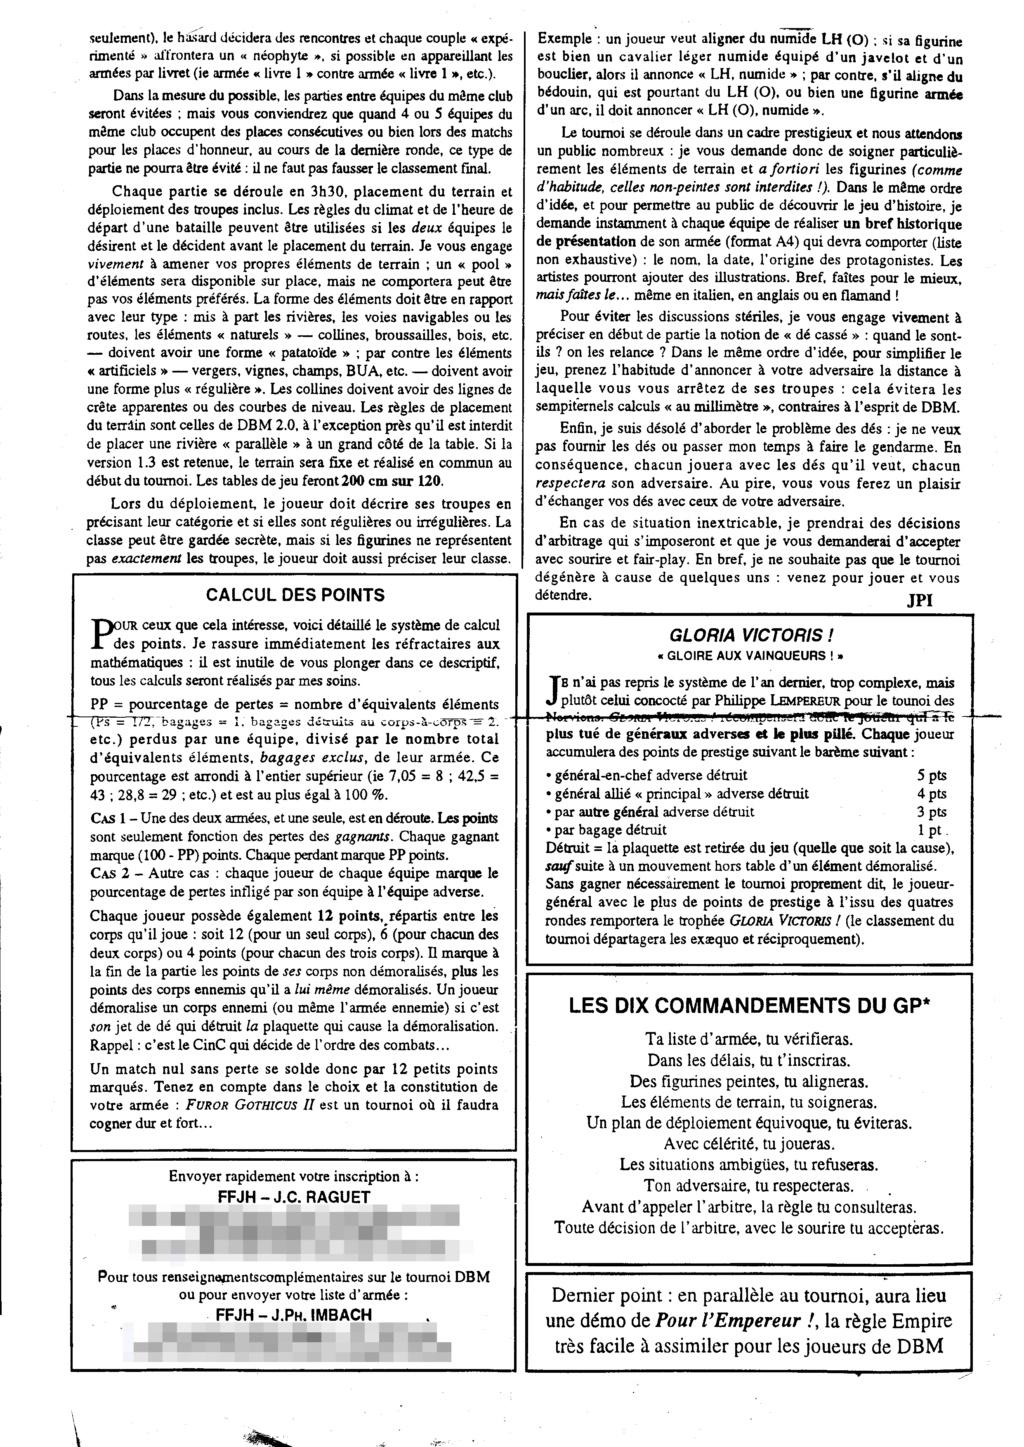 Souvenir DBM de 1998 ........  FUROR GOTHICUS II 1998-011